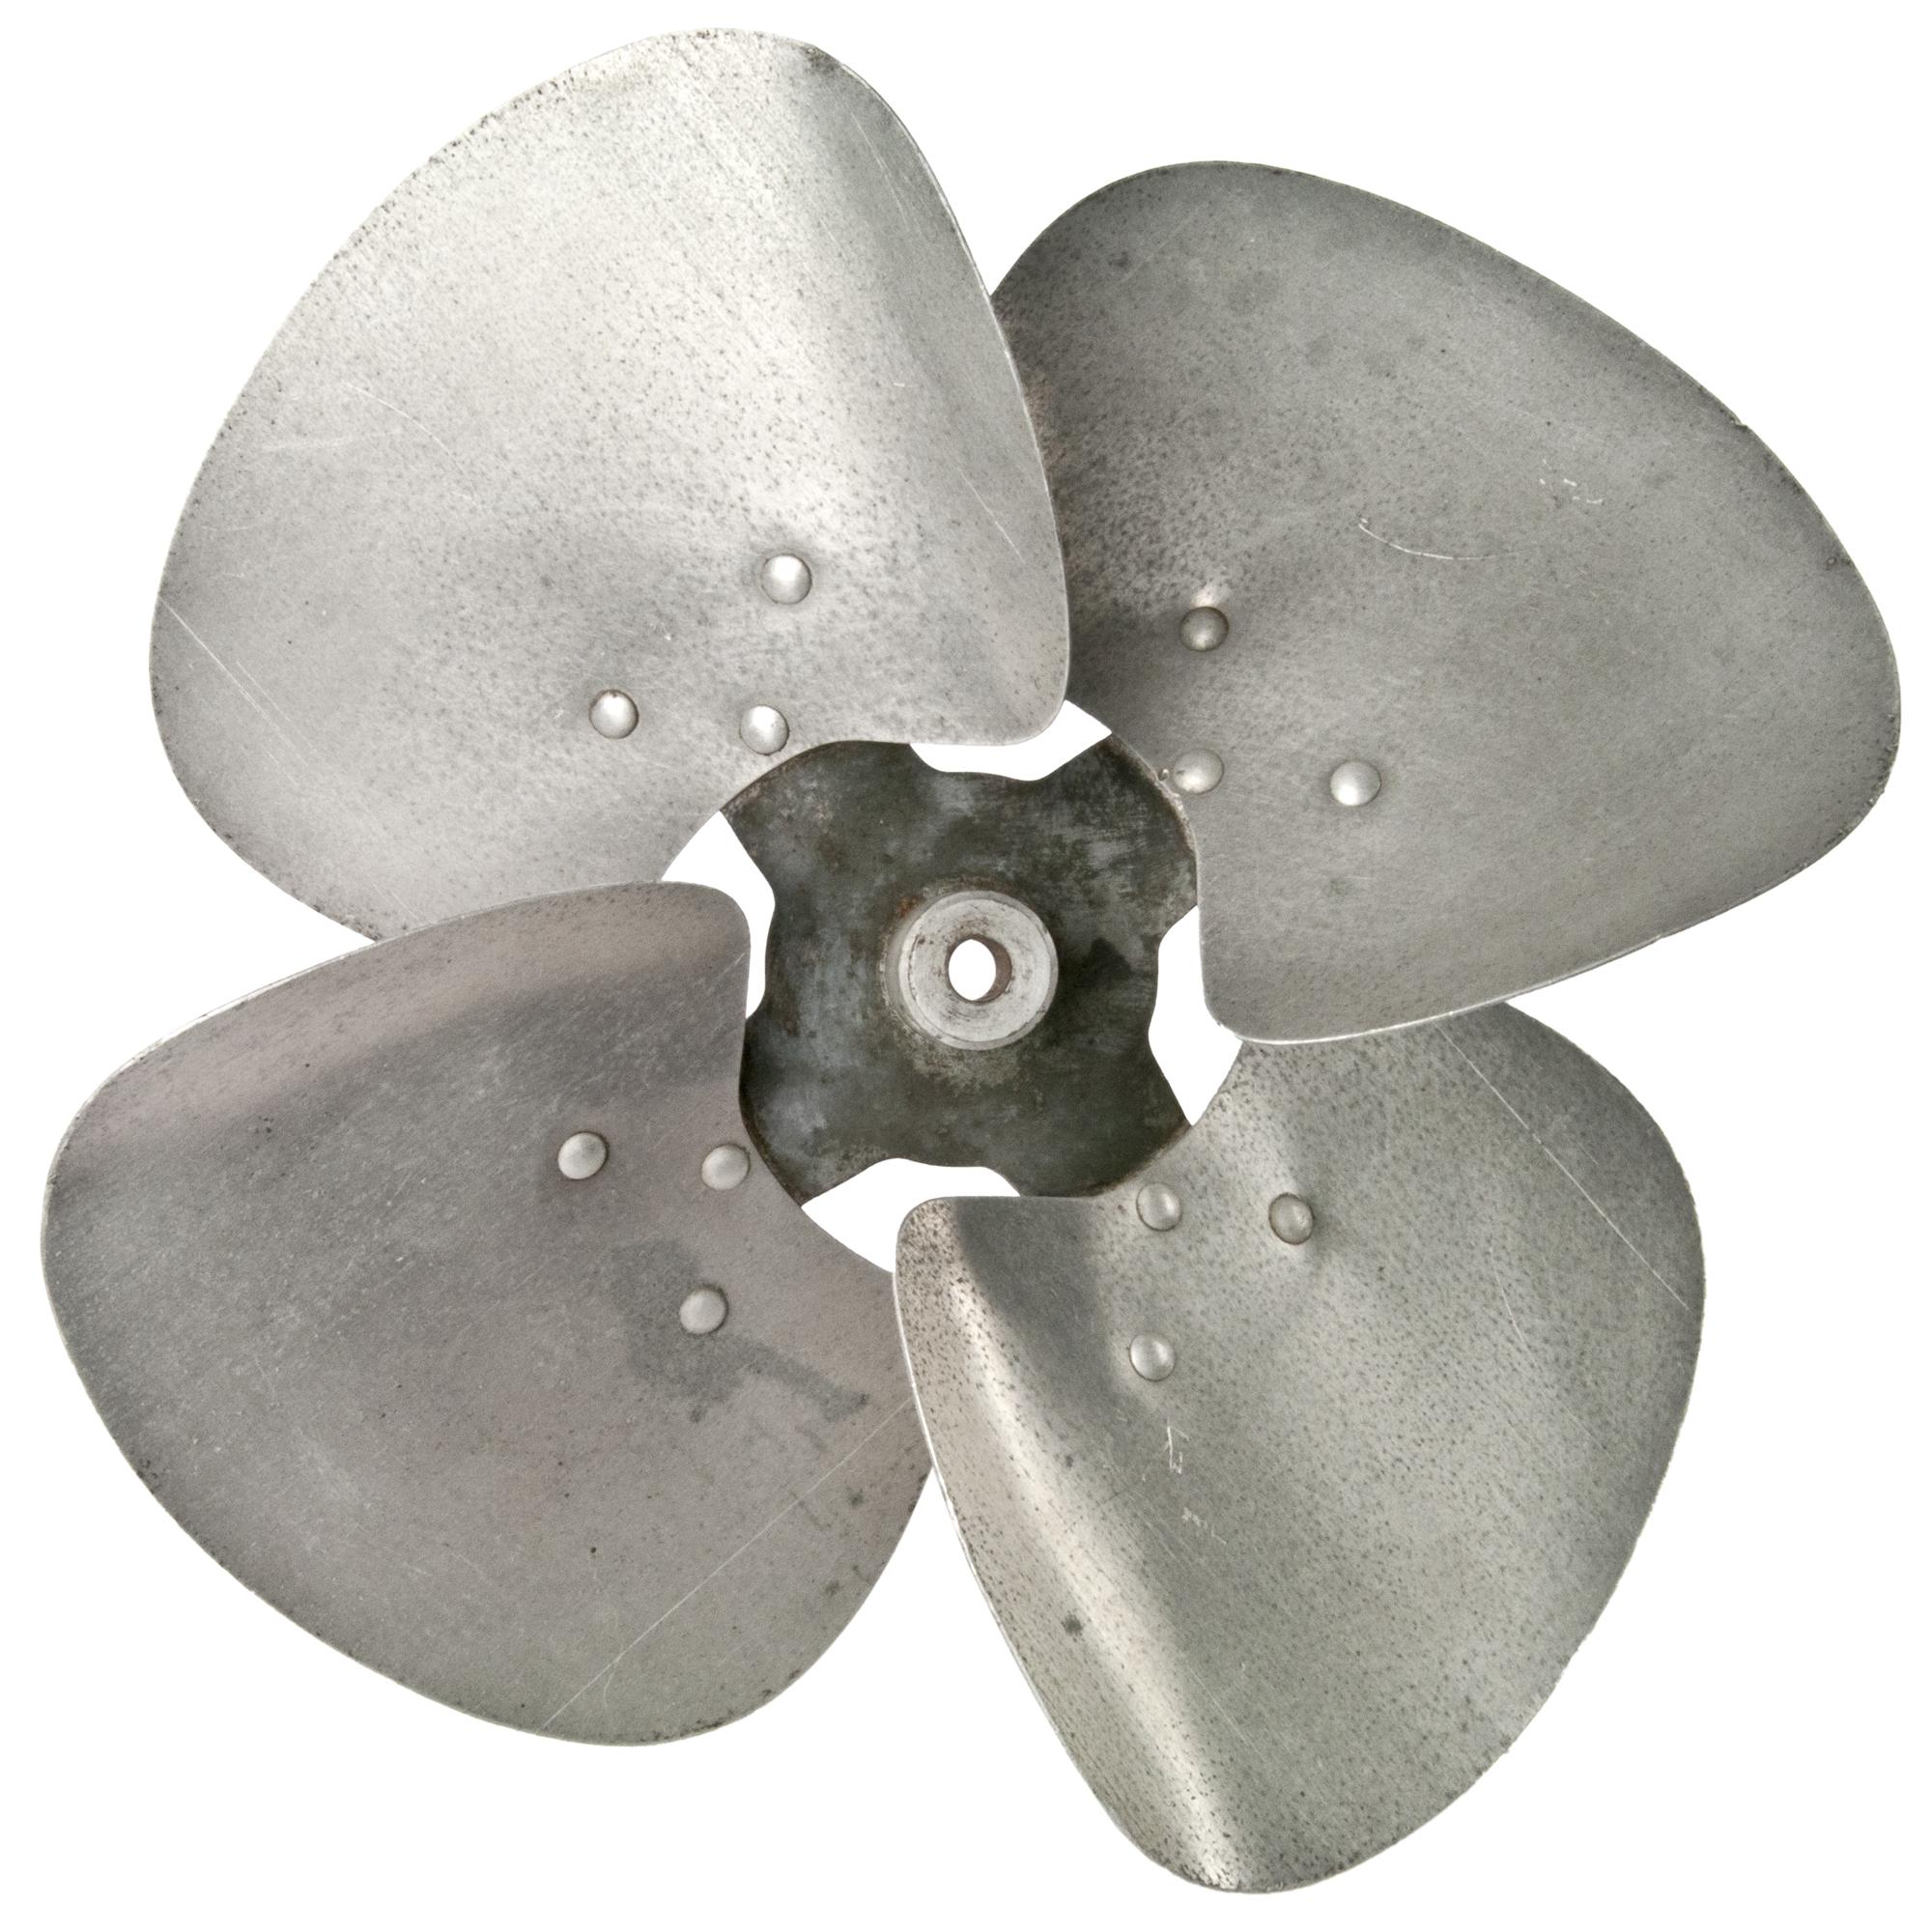 Metal Fan Blades : Vintage aluminum fan blade chairish